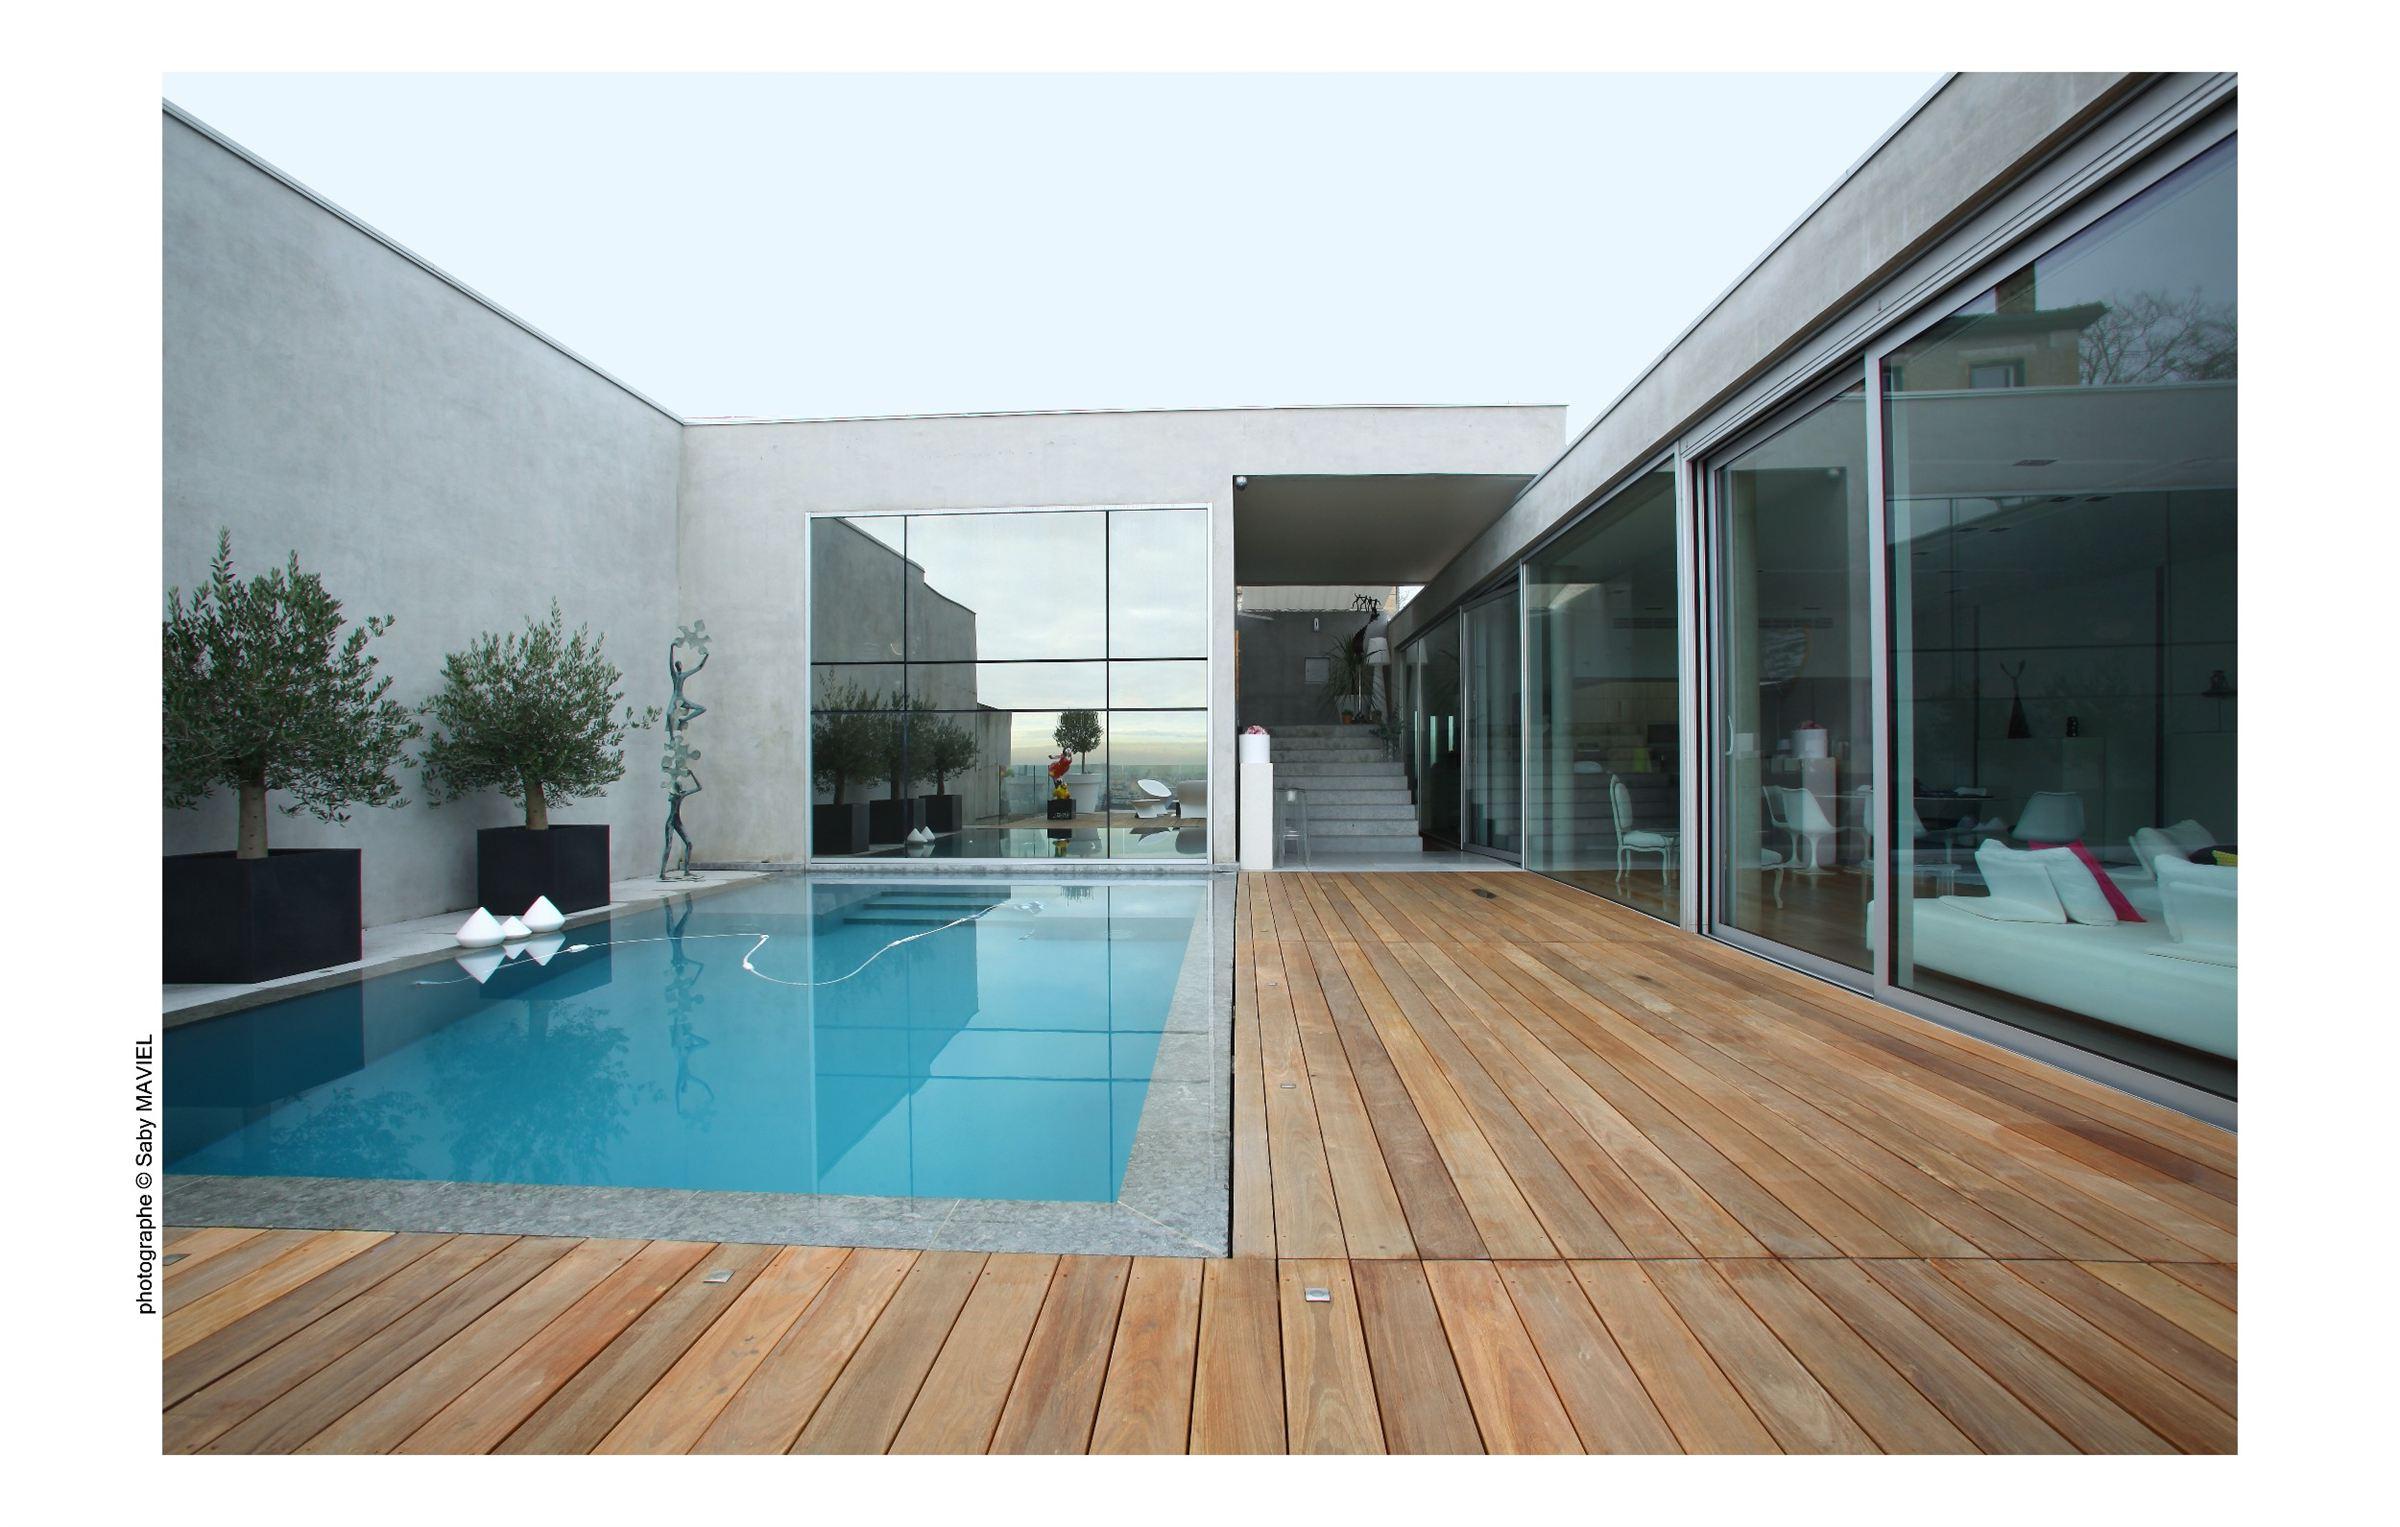 Property For Sale at SUPERBE MAISON CONTEMPORAINE A LYON- CROIX-ROUSSE